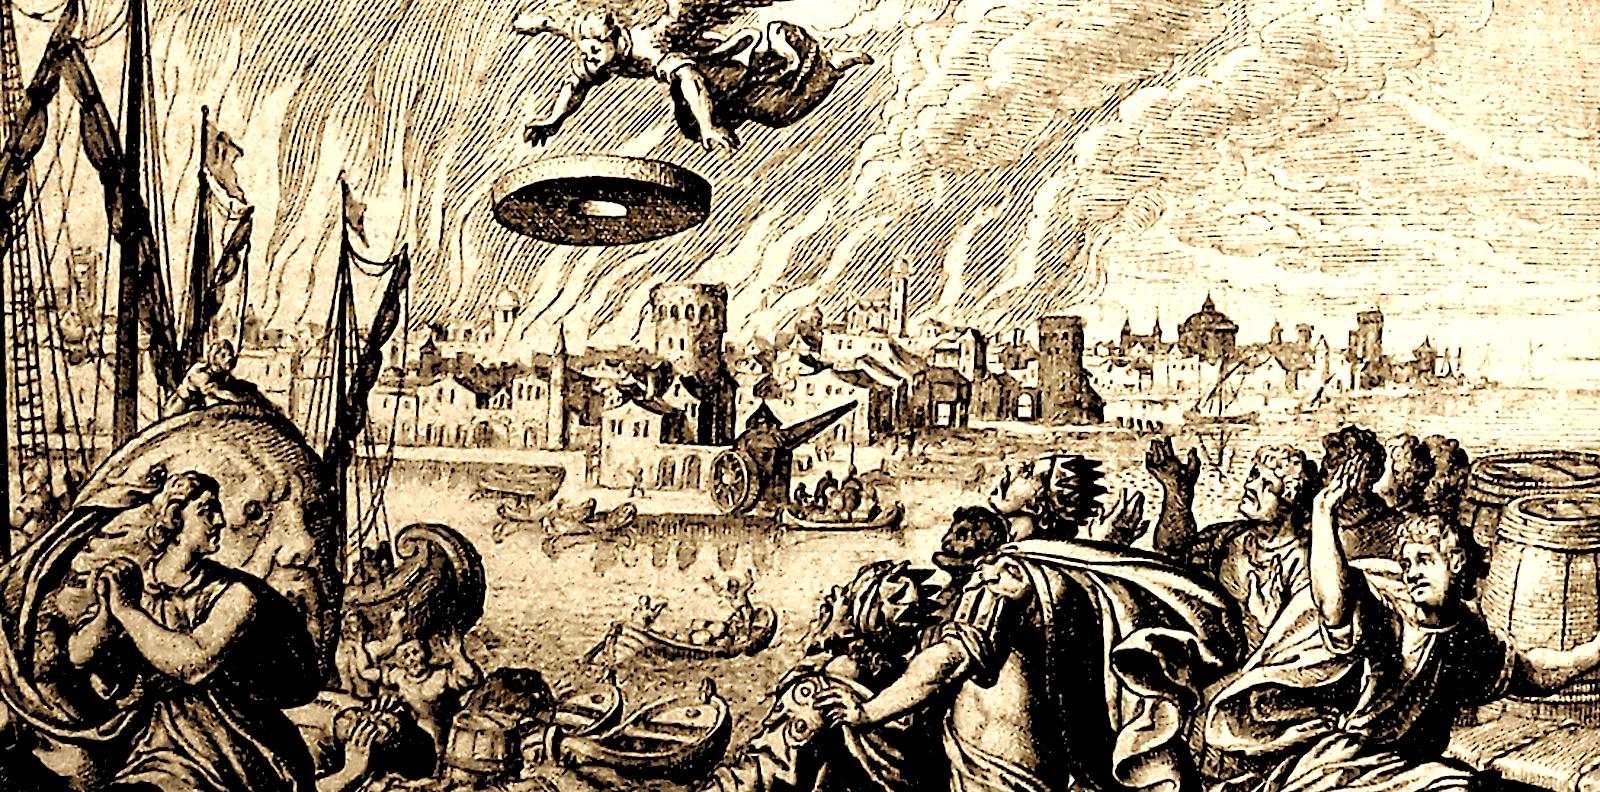 Уничтожение Вавилона по представлениям Средних веков